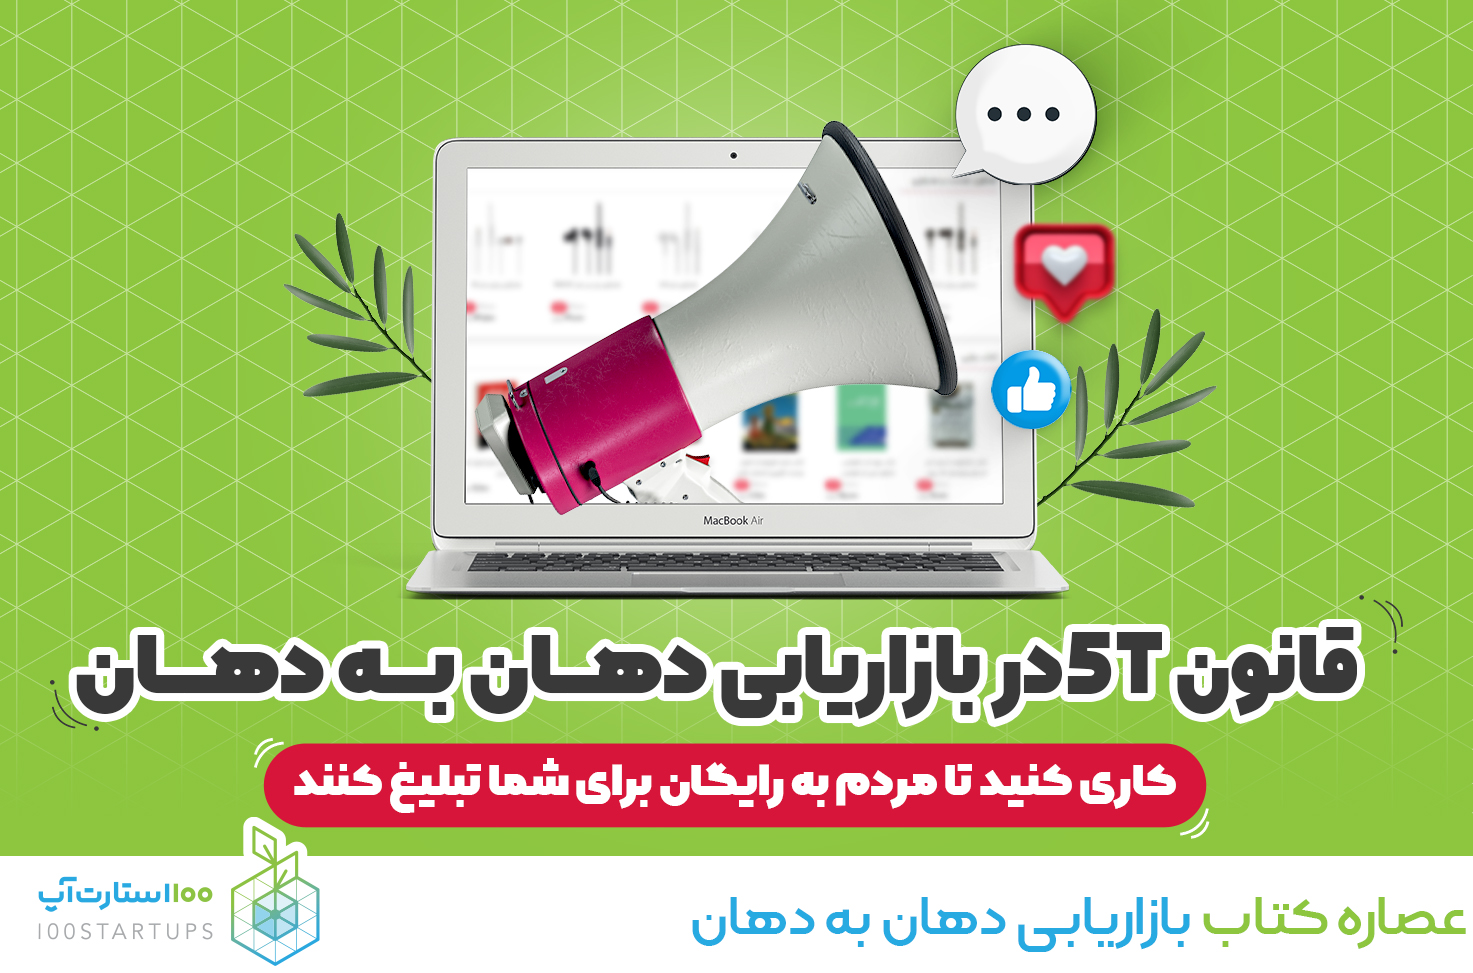 بازاریابی، تبلیغات، ارزان ترین راه های تبلیغ محصول، بازاریابی دهان به دهان